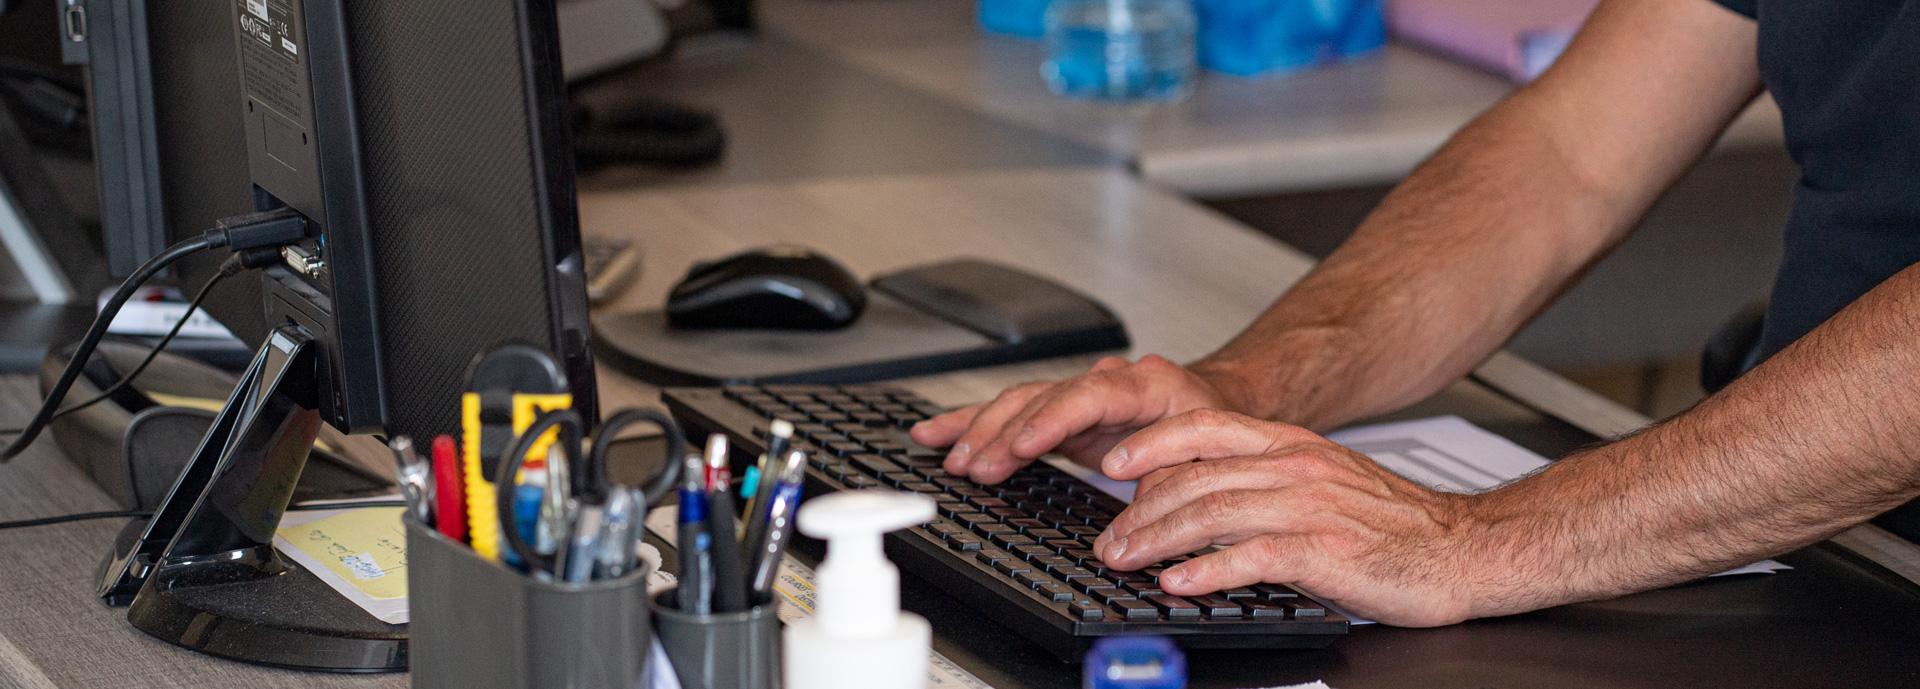 Collaborateu Iso Partner se servant de son clavier d'ordinateur